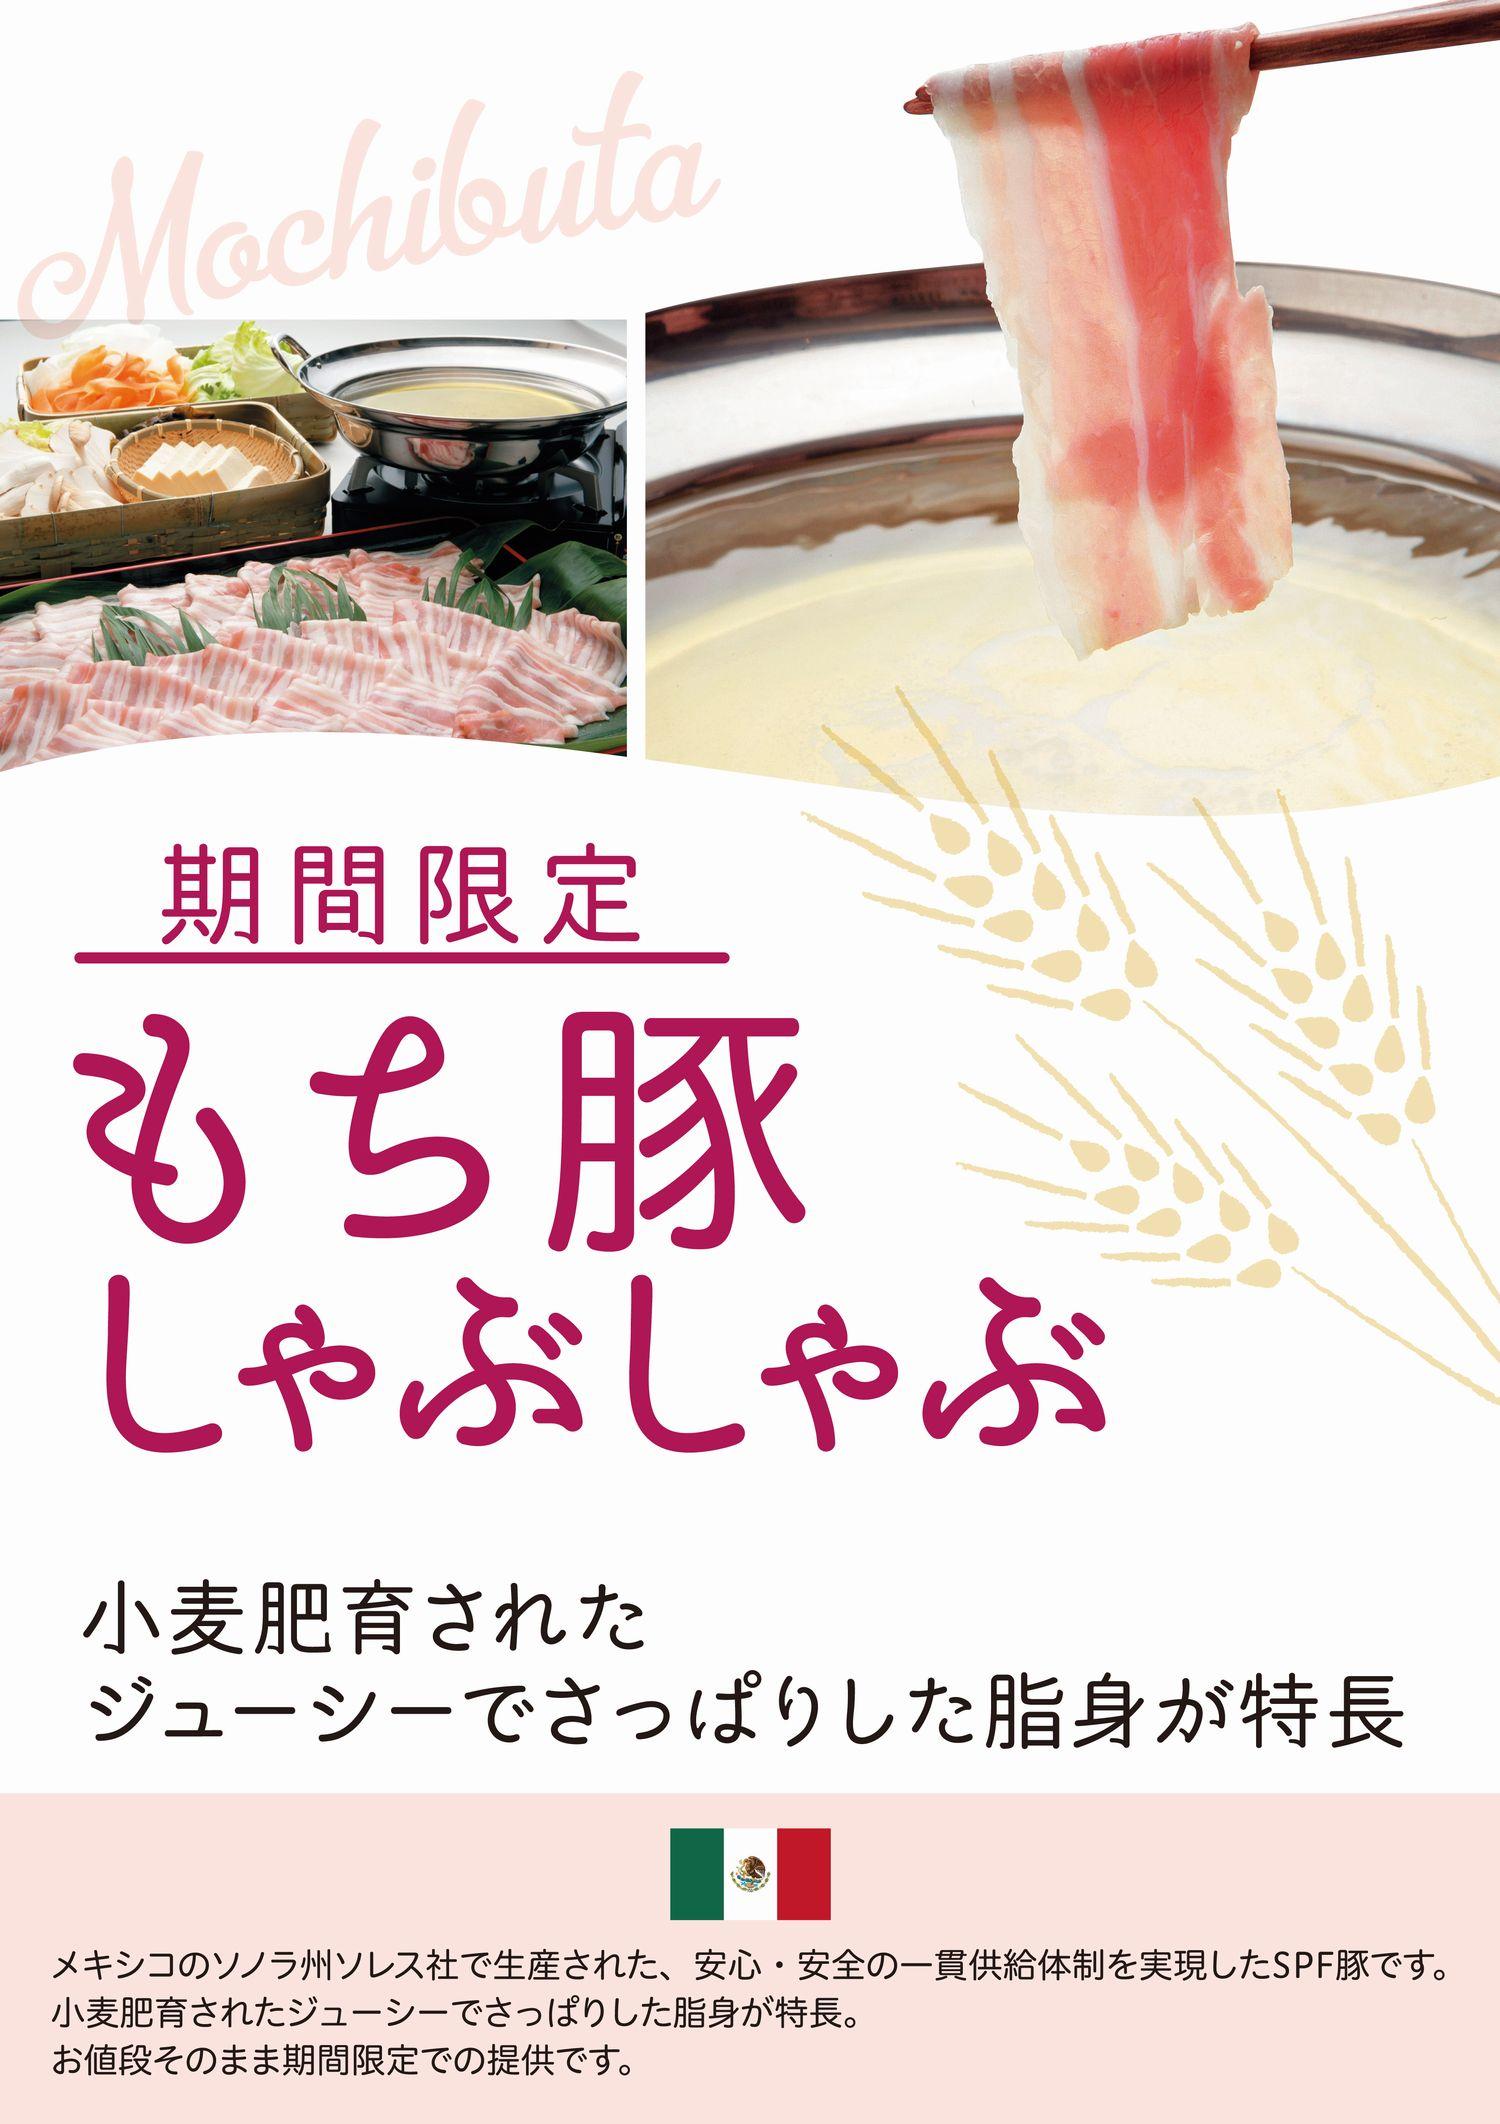 Roanもち豚しゃぶしゃぶ(桑名・浜松・知立・豊川)